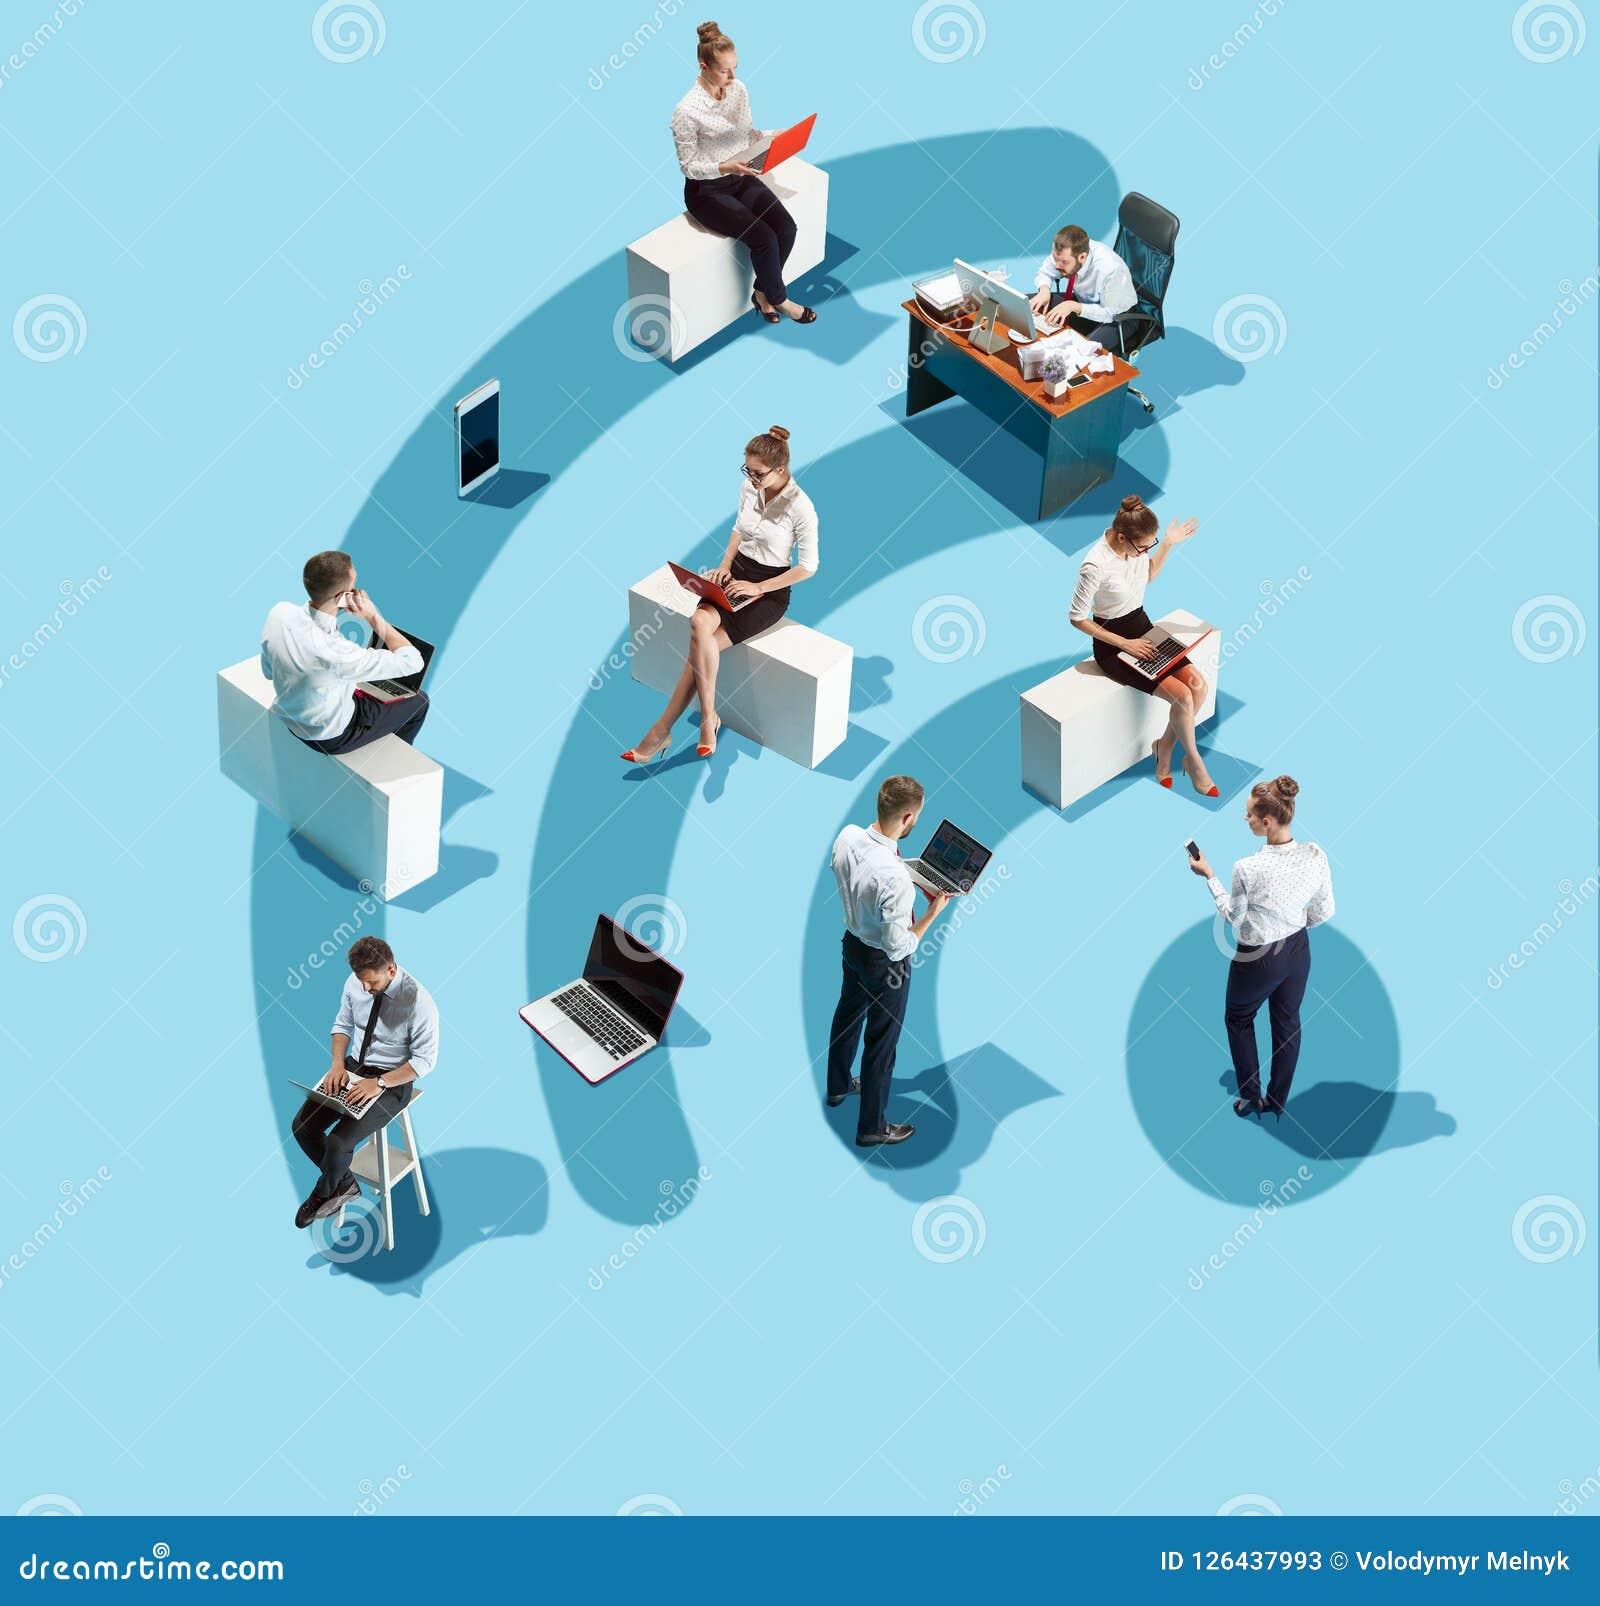 Biznes, rekrutacja, działu zasobów ludzkich działu pojęcie